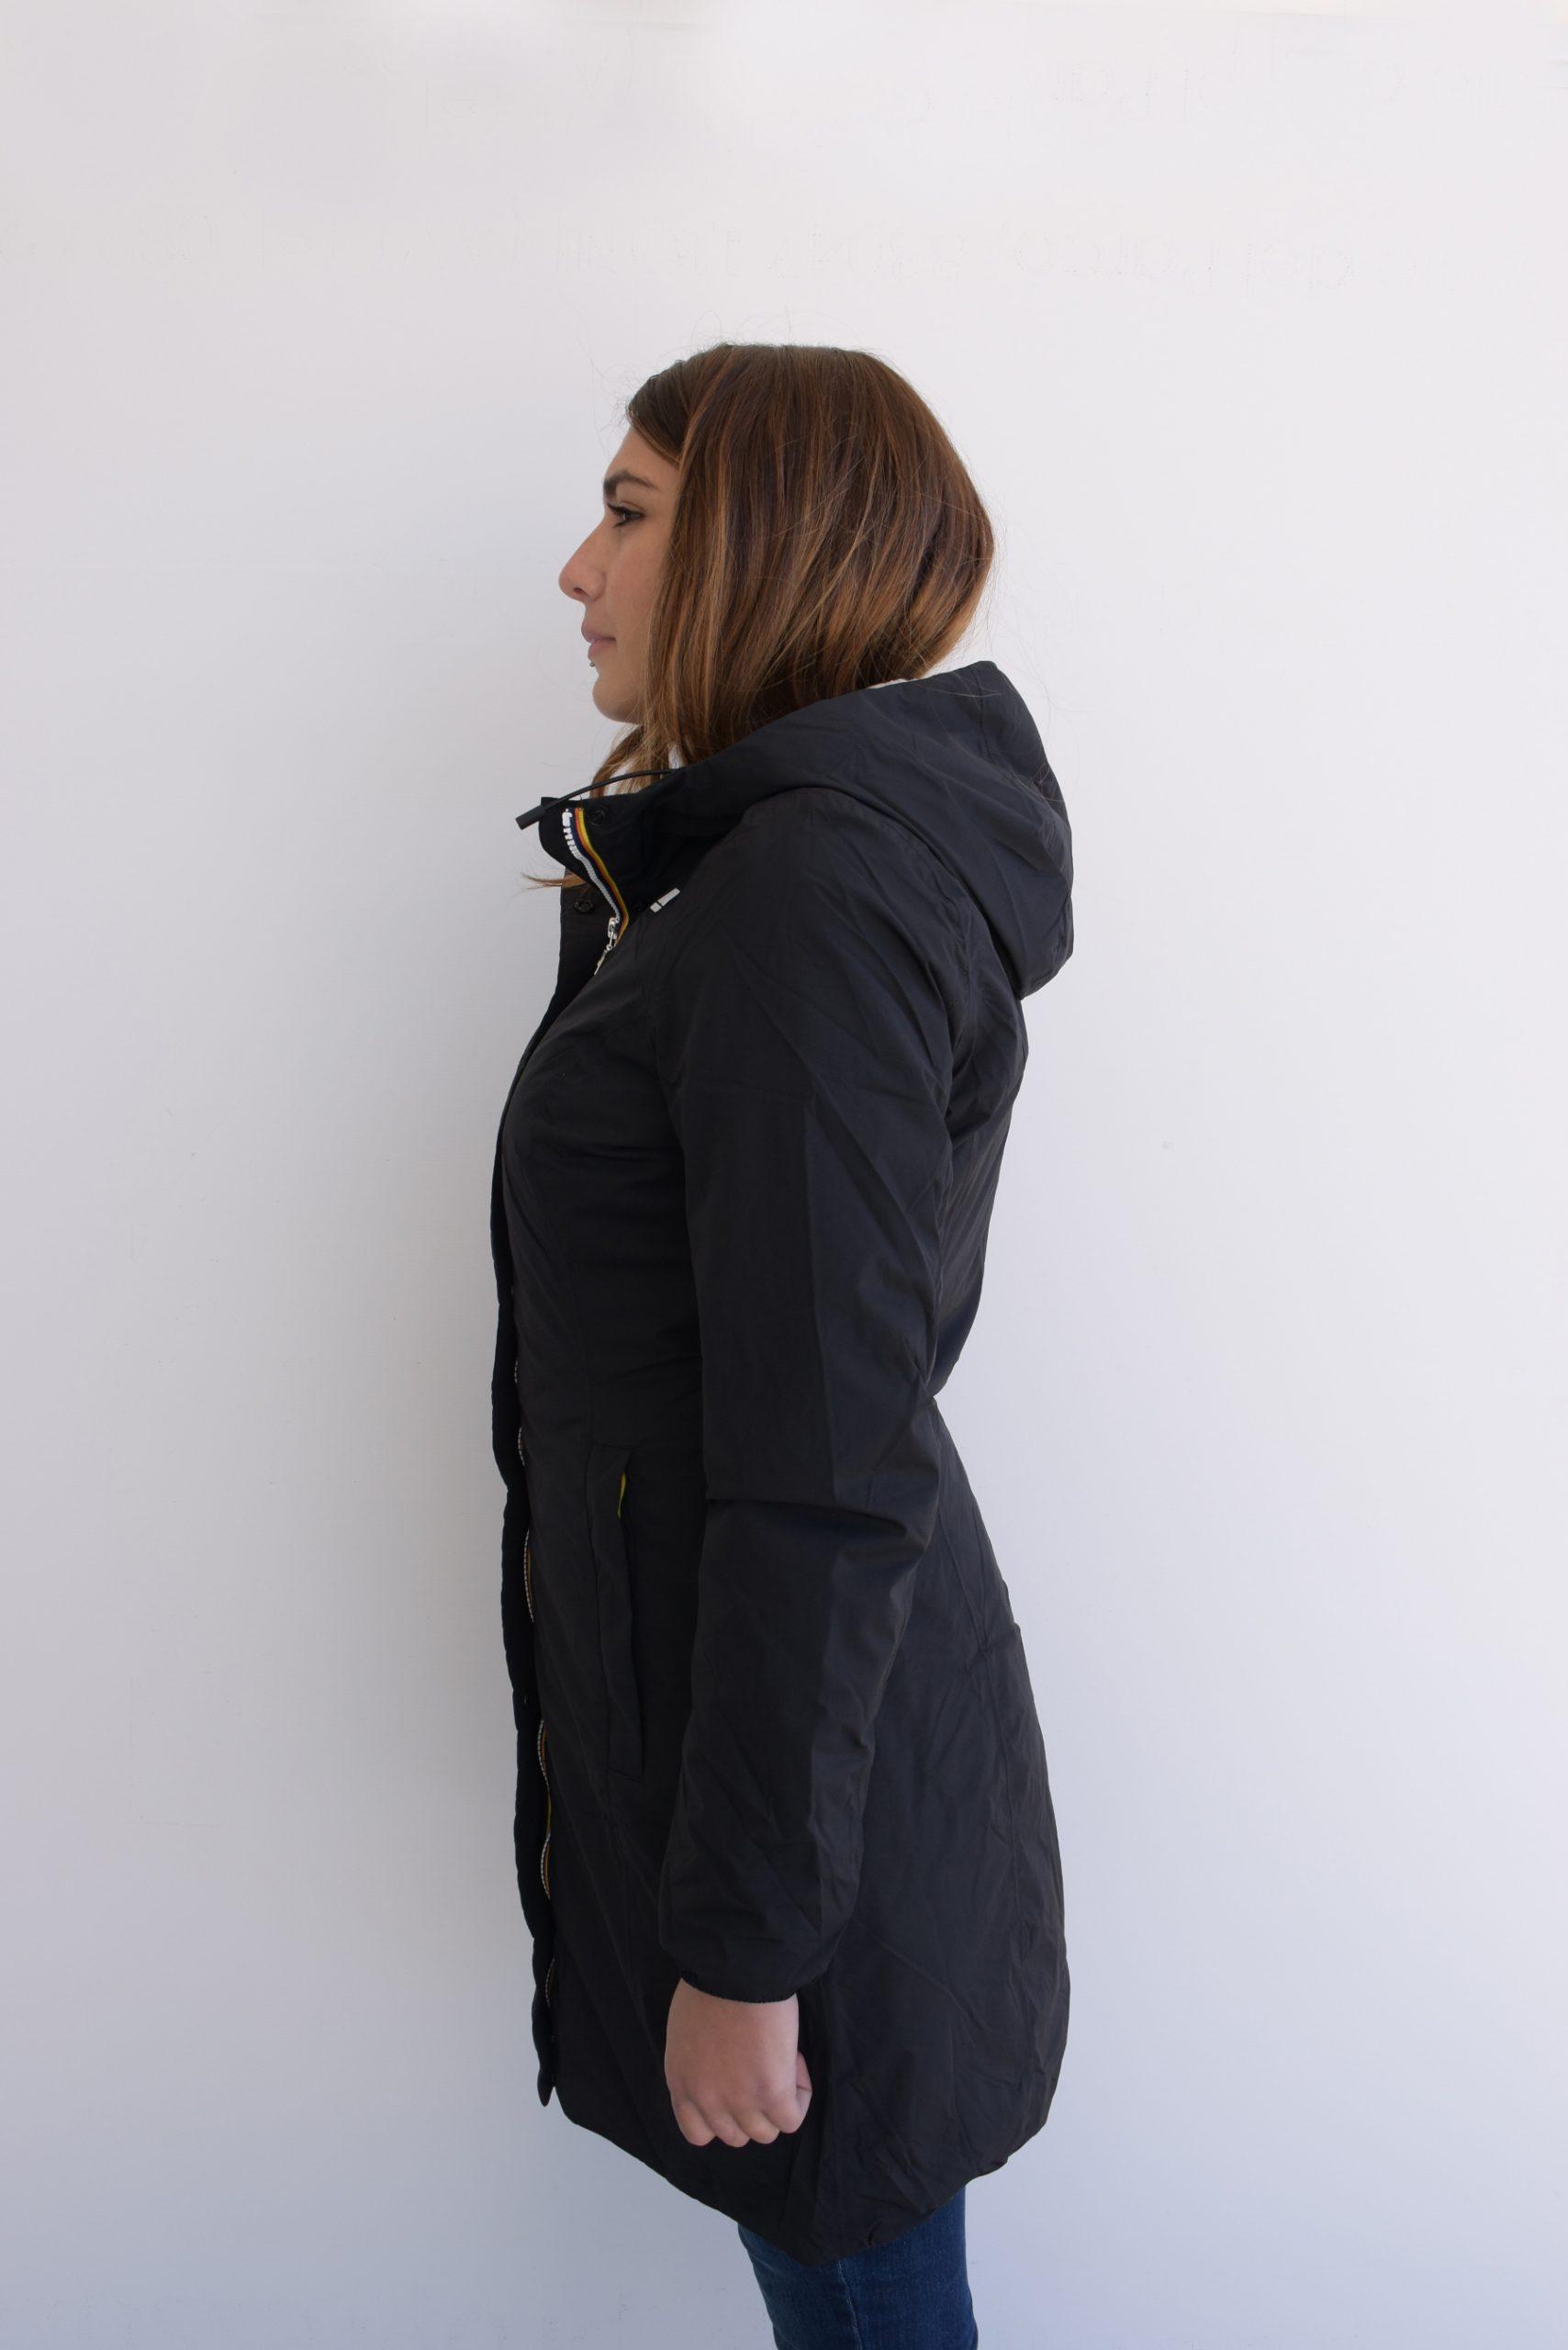 K-Way Giubbino Donna Modello Charlene Micro Ripstop Marmotta K2112WW//A3C Colore Black Collezione Autunno Inverno 2020